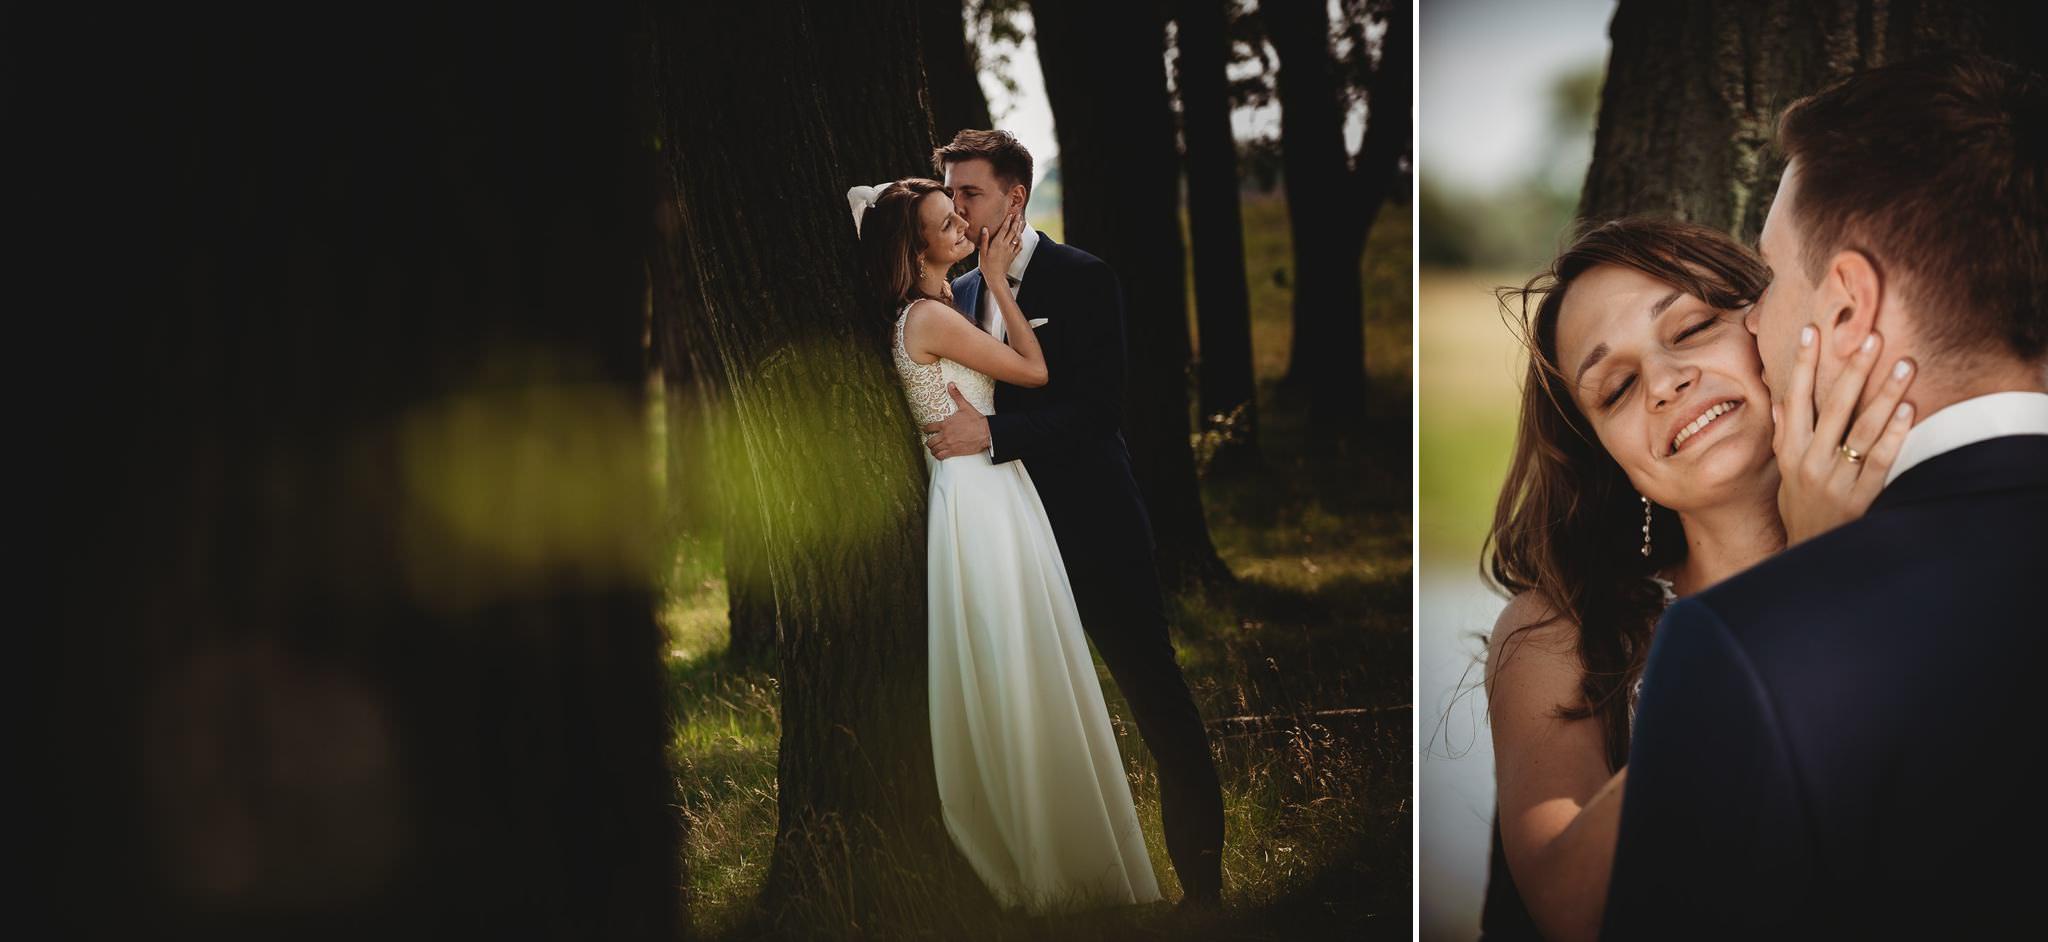 Monika i Michał, wesele w Paryżu i sesja plenerowa w stadninie koni w Czołowie 326